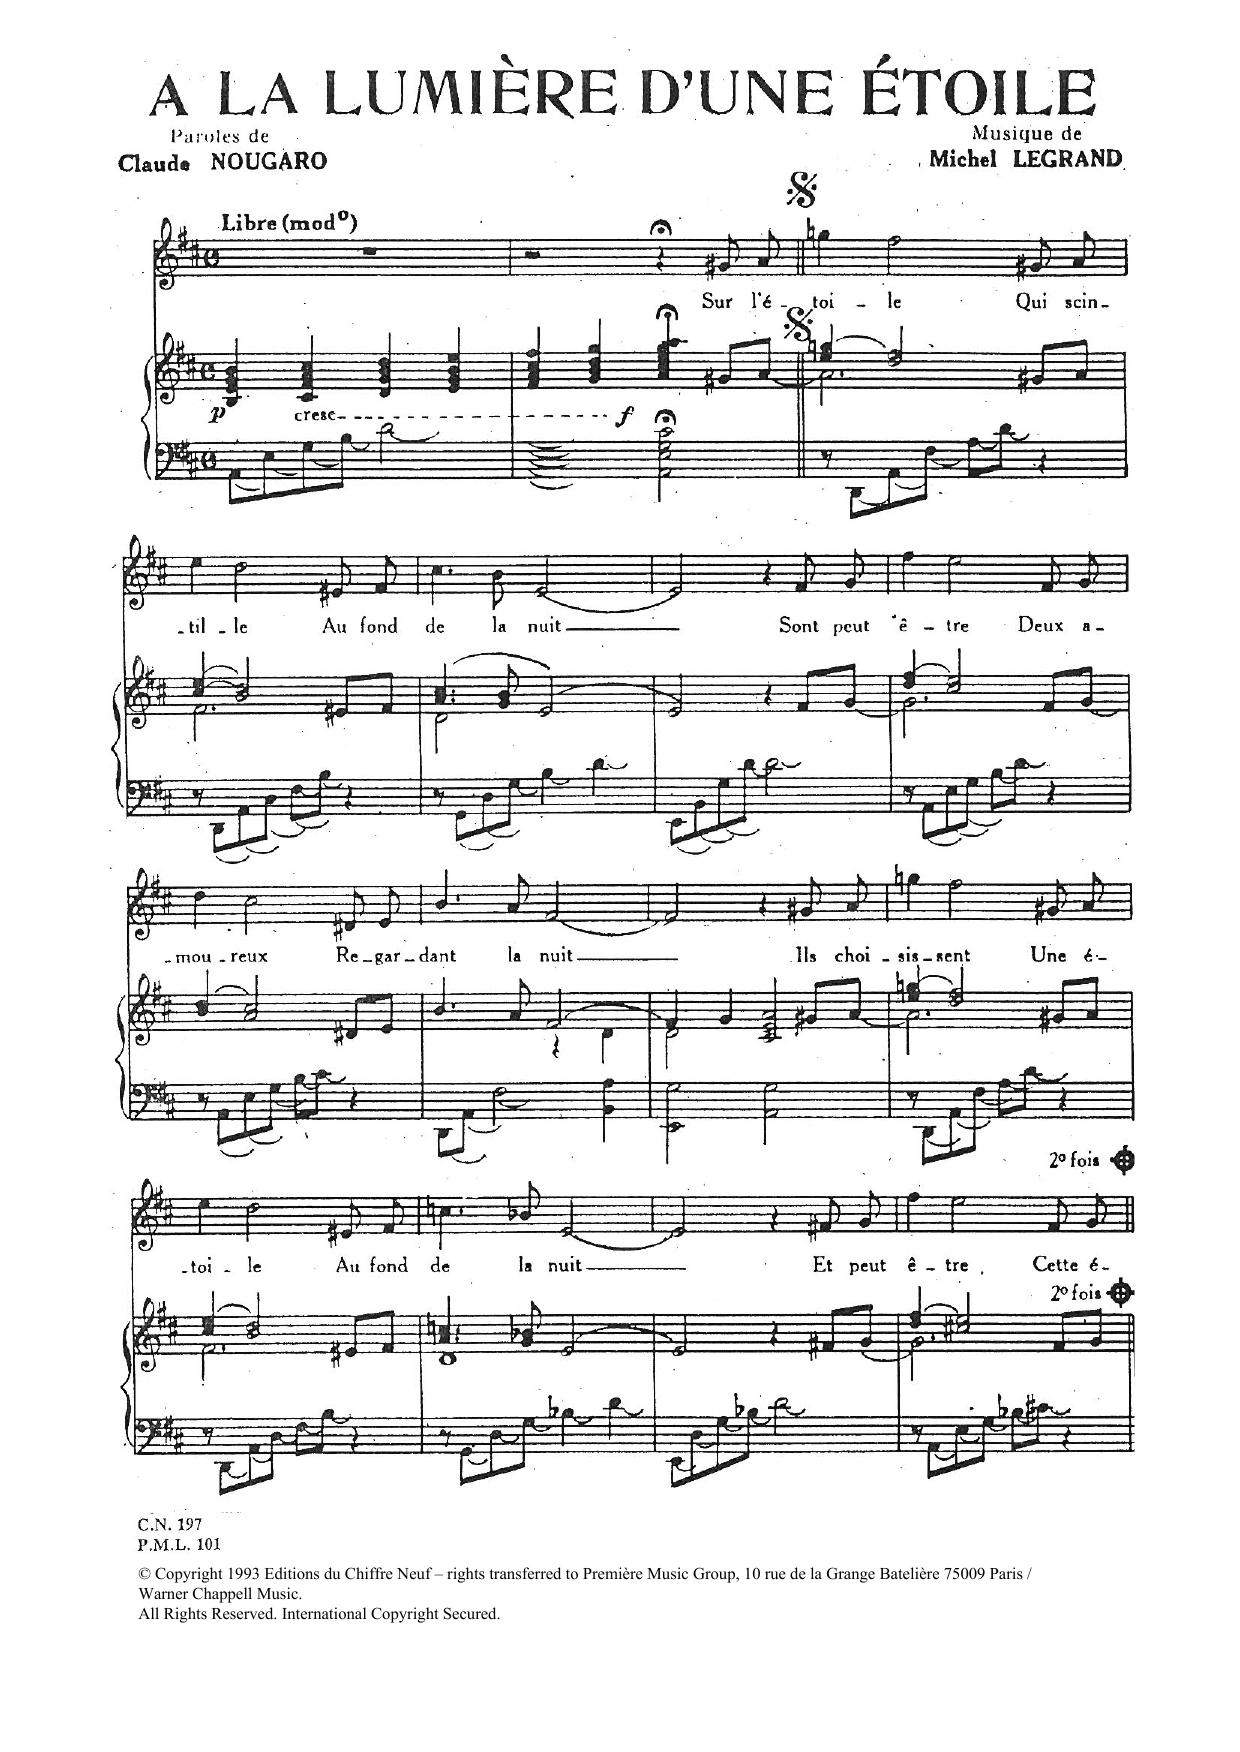 A La Lumiere D'une Etoile Sheet Music